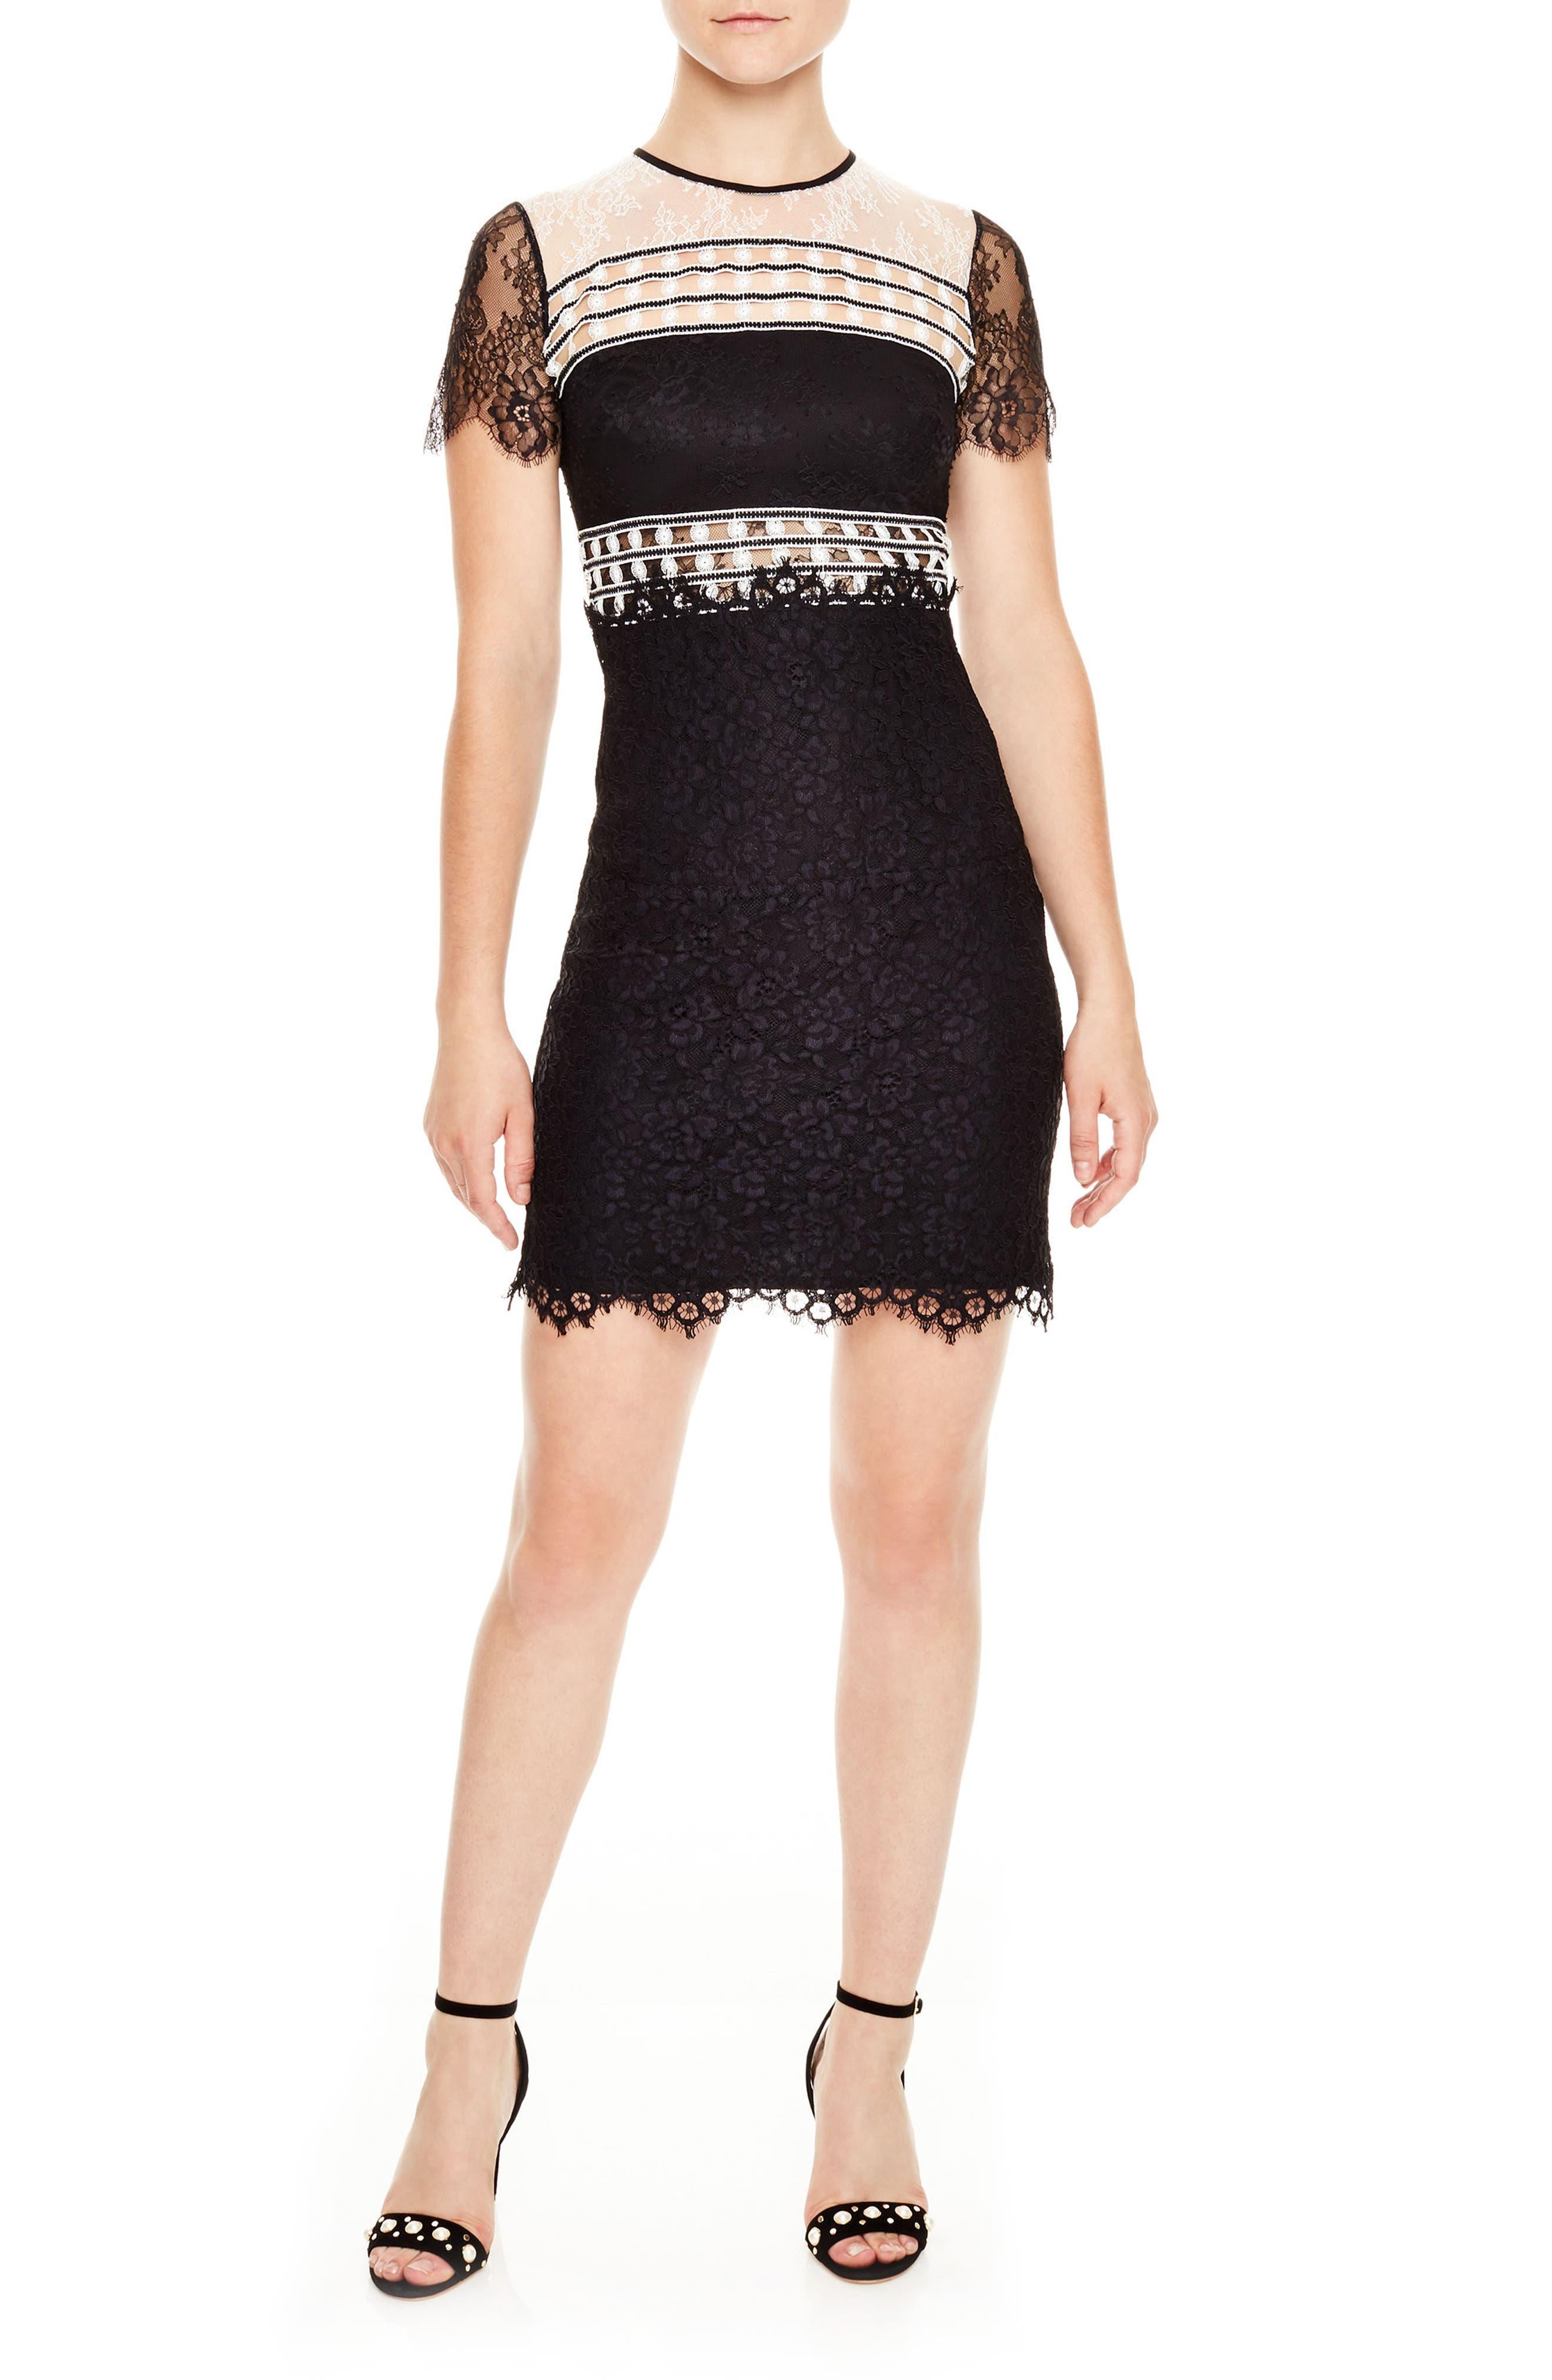 sandro Black & White Lace Dress